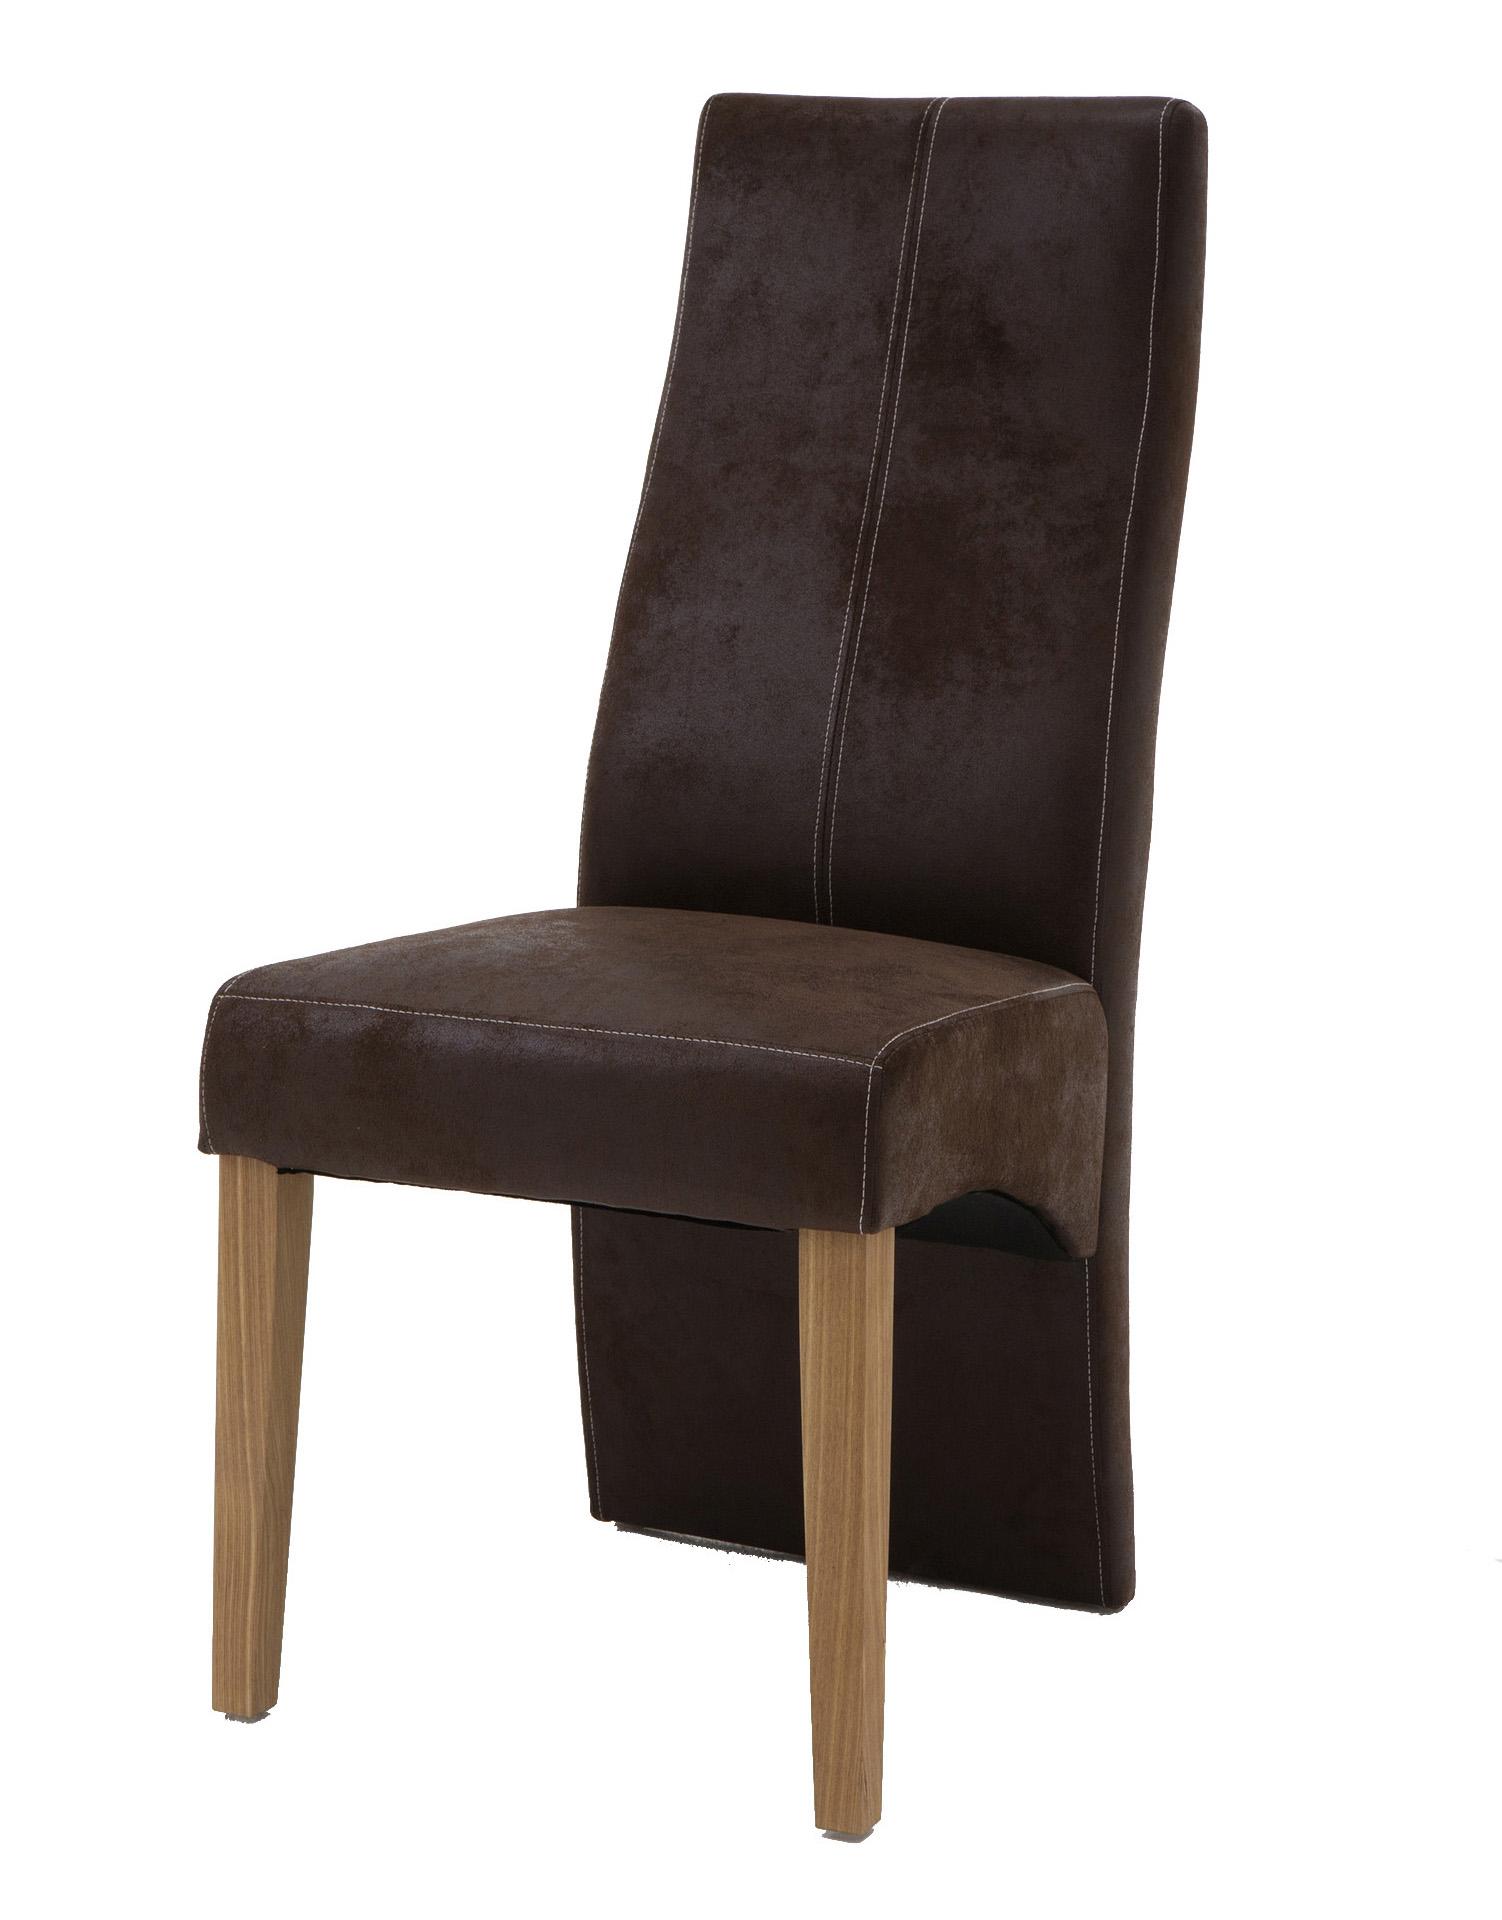 Sam esszimmerstuhl braun mit stoffbezug in wildlederoptik for Design stuhl freischwinger piet 30